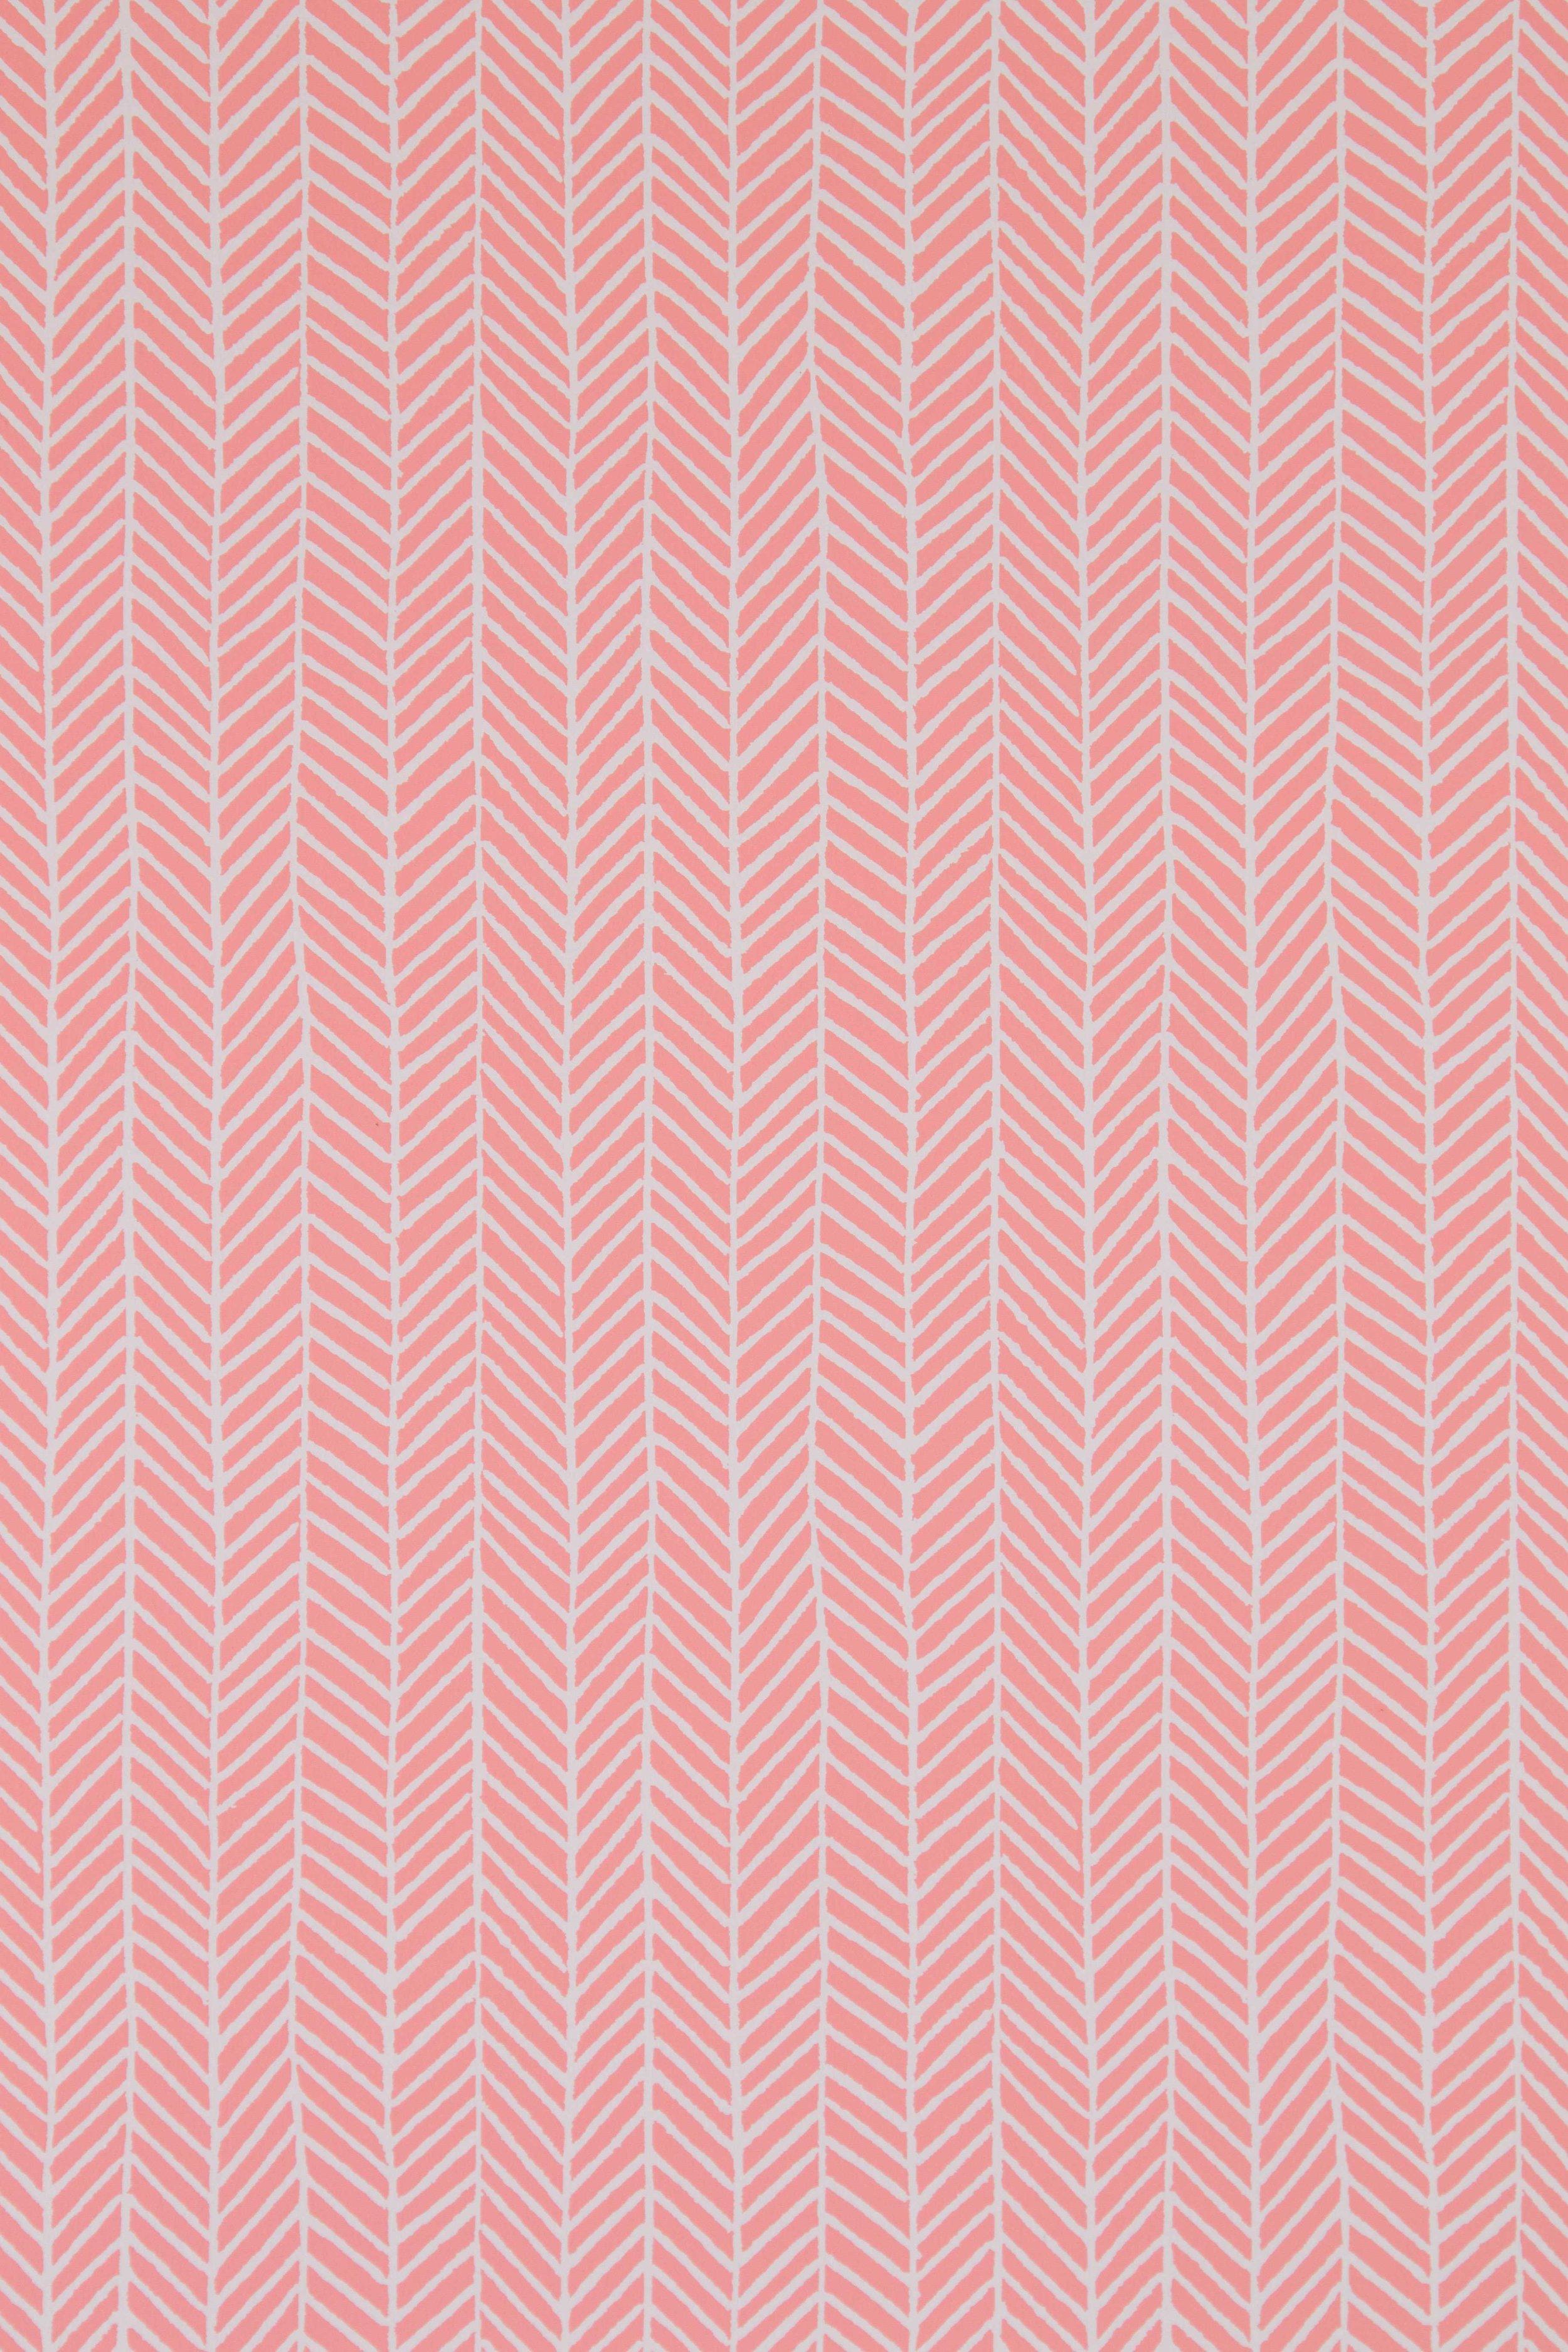 Herringbone in Coral Pink, SL190-08